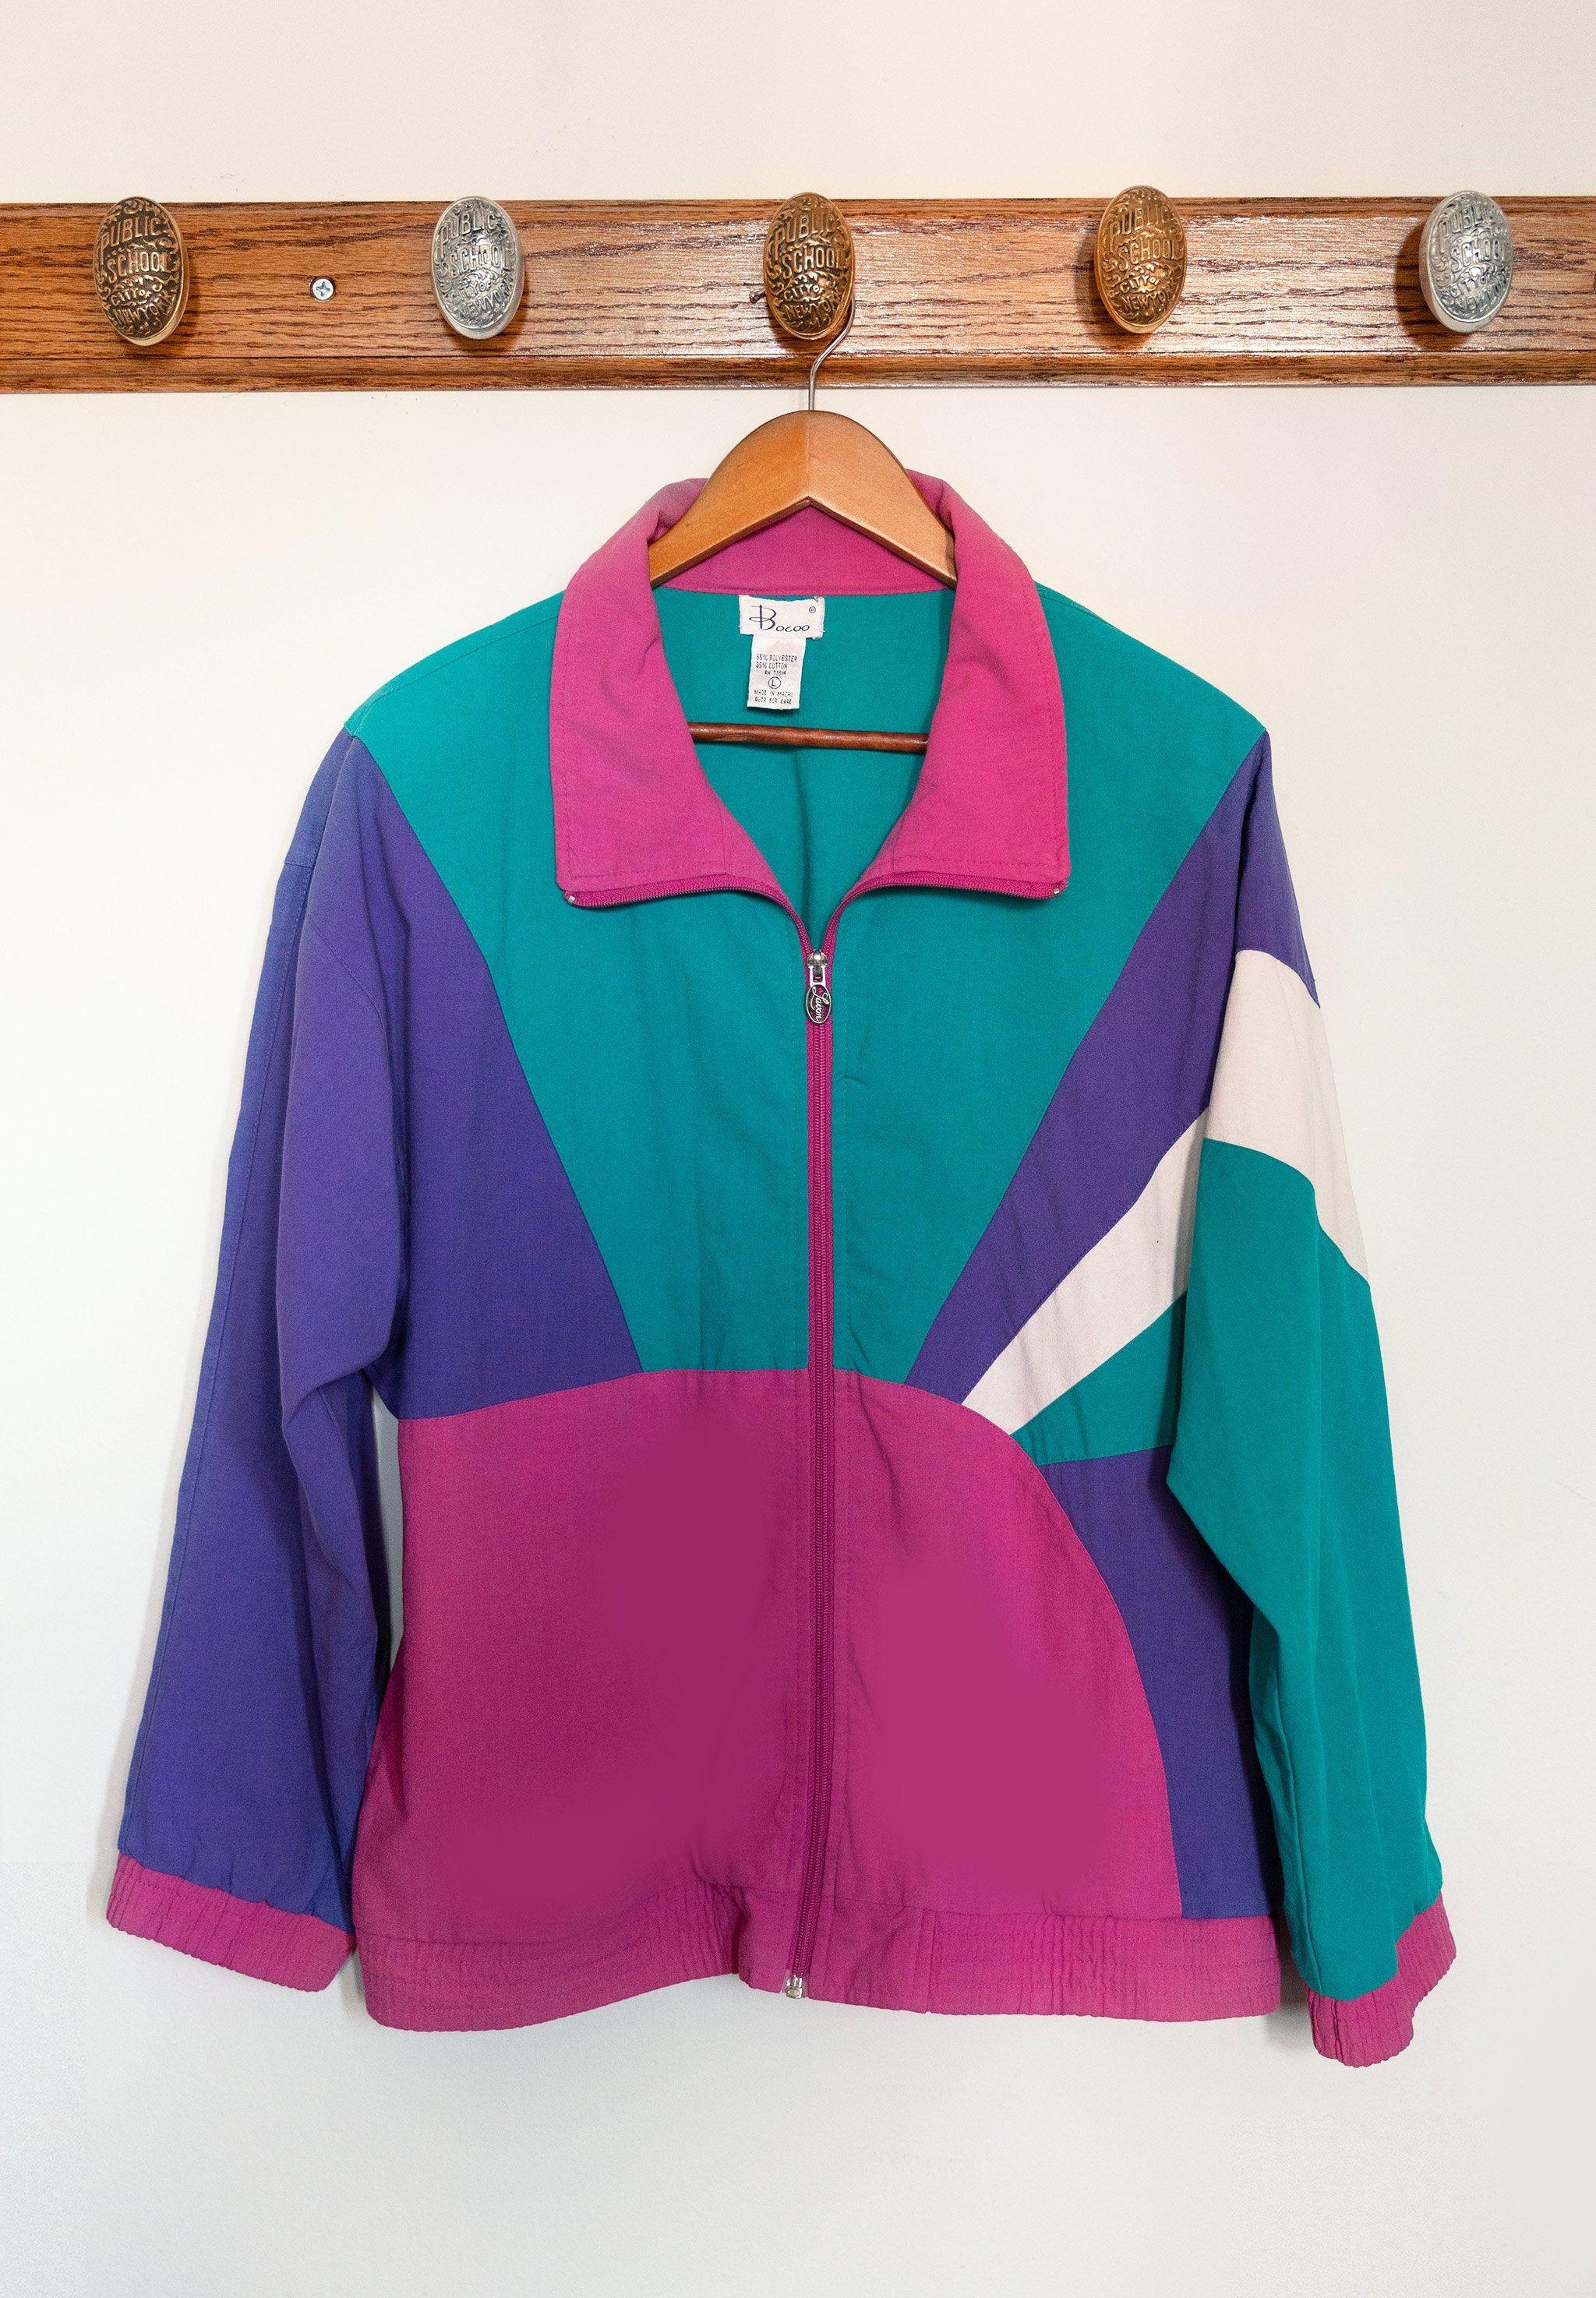 Vintage Color Block Corduroy Jacket Color Block Jacket Jean Jacket Women Vintage Jacket